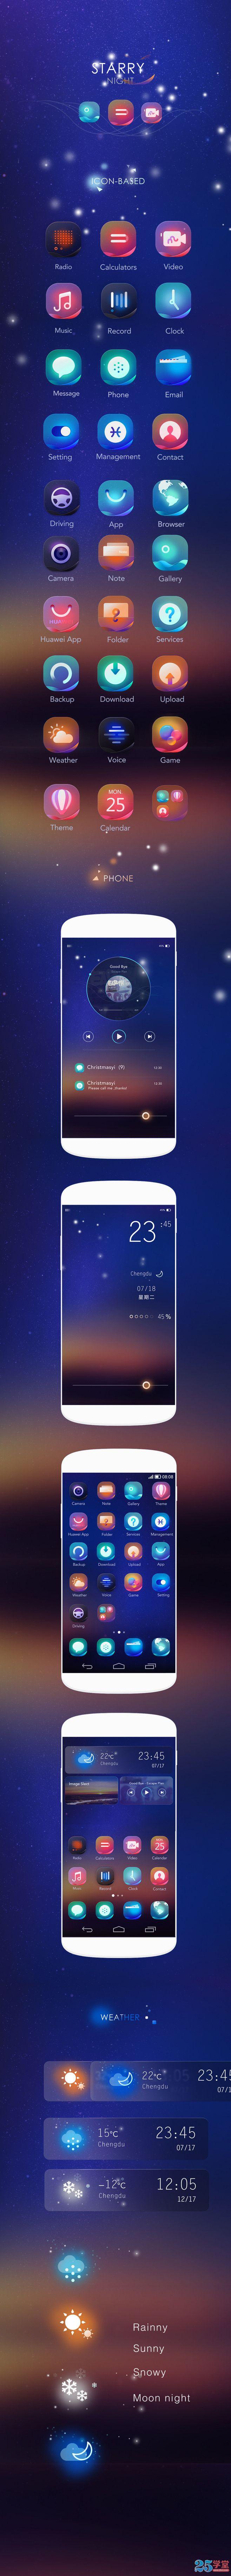 安卓手机主题界面设计欣赏3